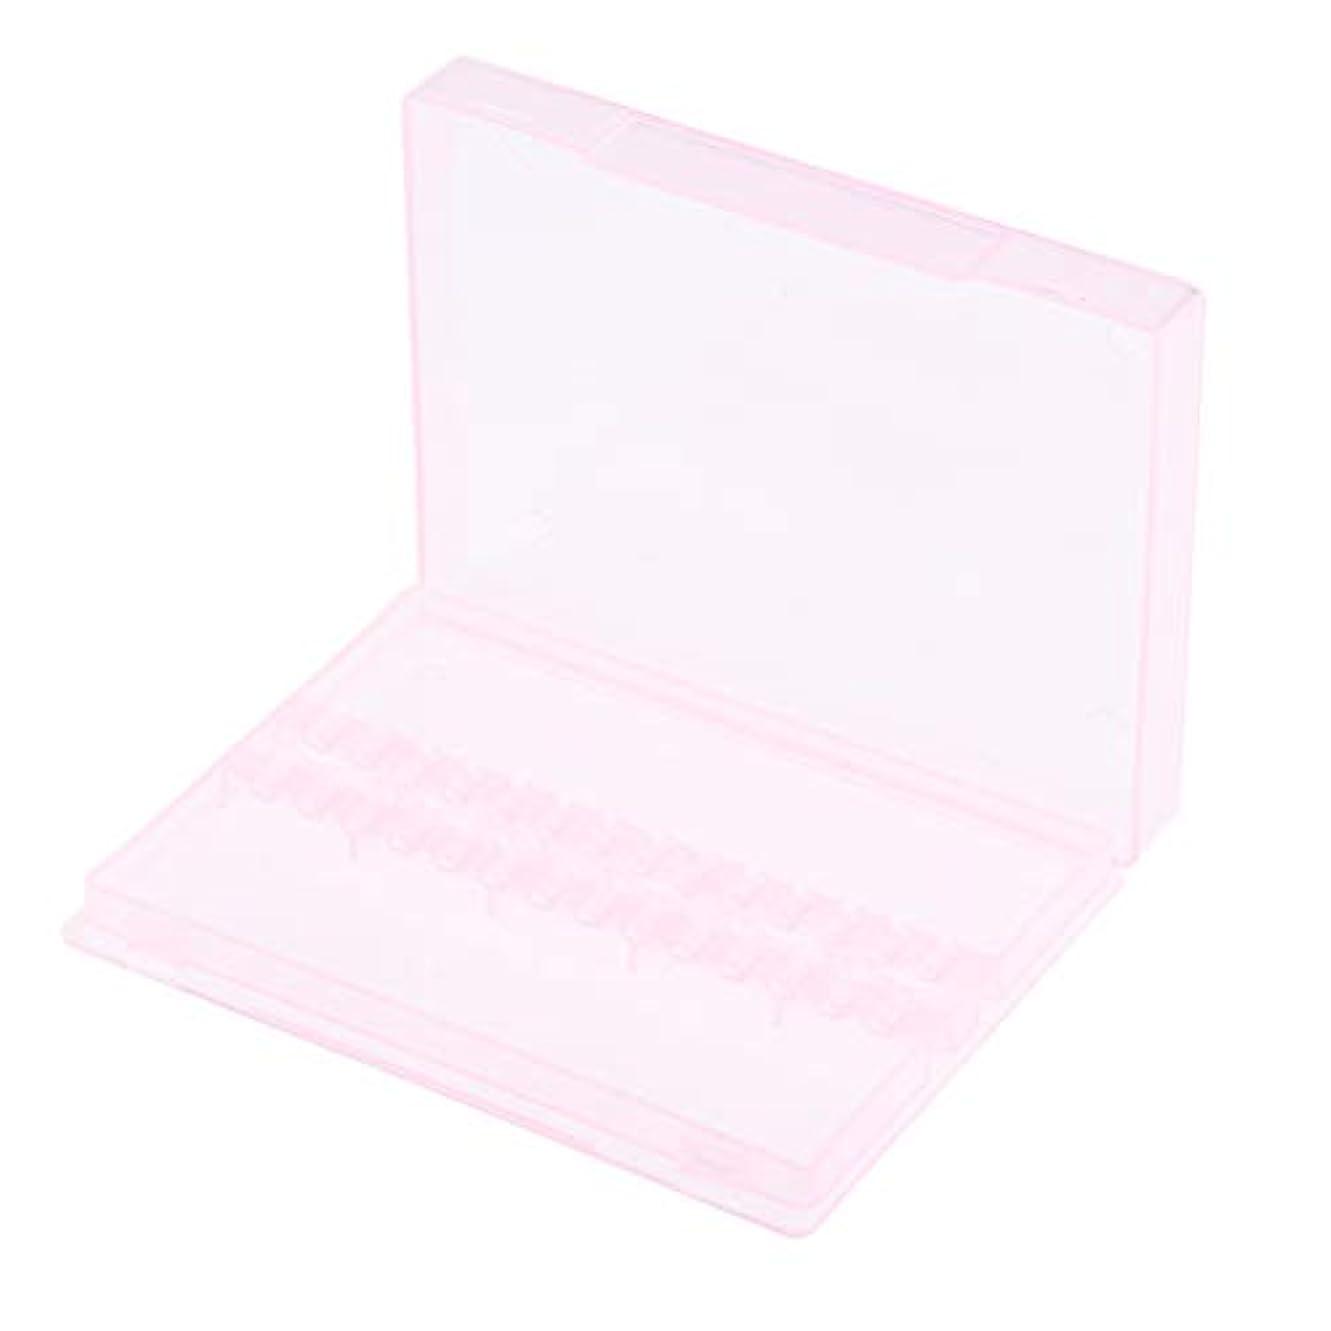 オフセット彼ら宅配便ネイルアート ドリルビットホルダー 空ボックス 収納ケース 2色選べ - ピンク